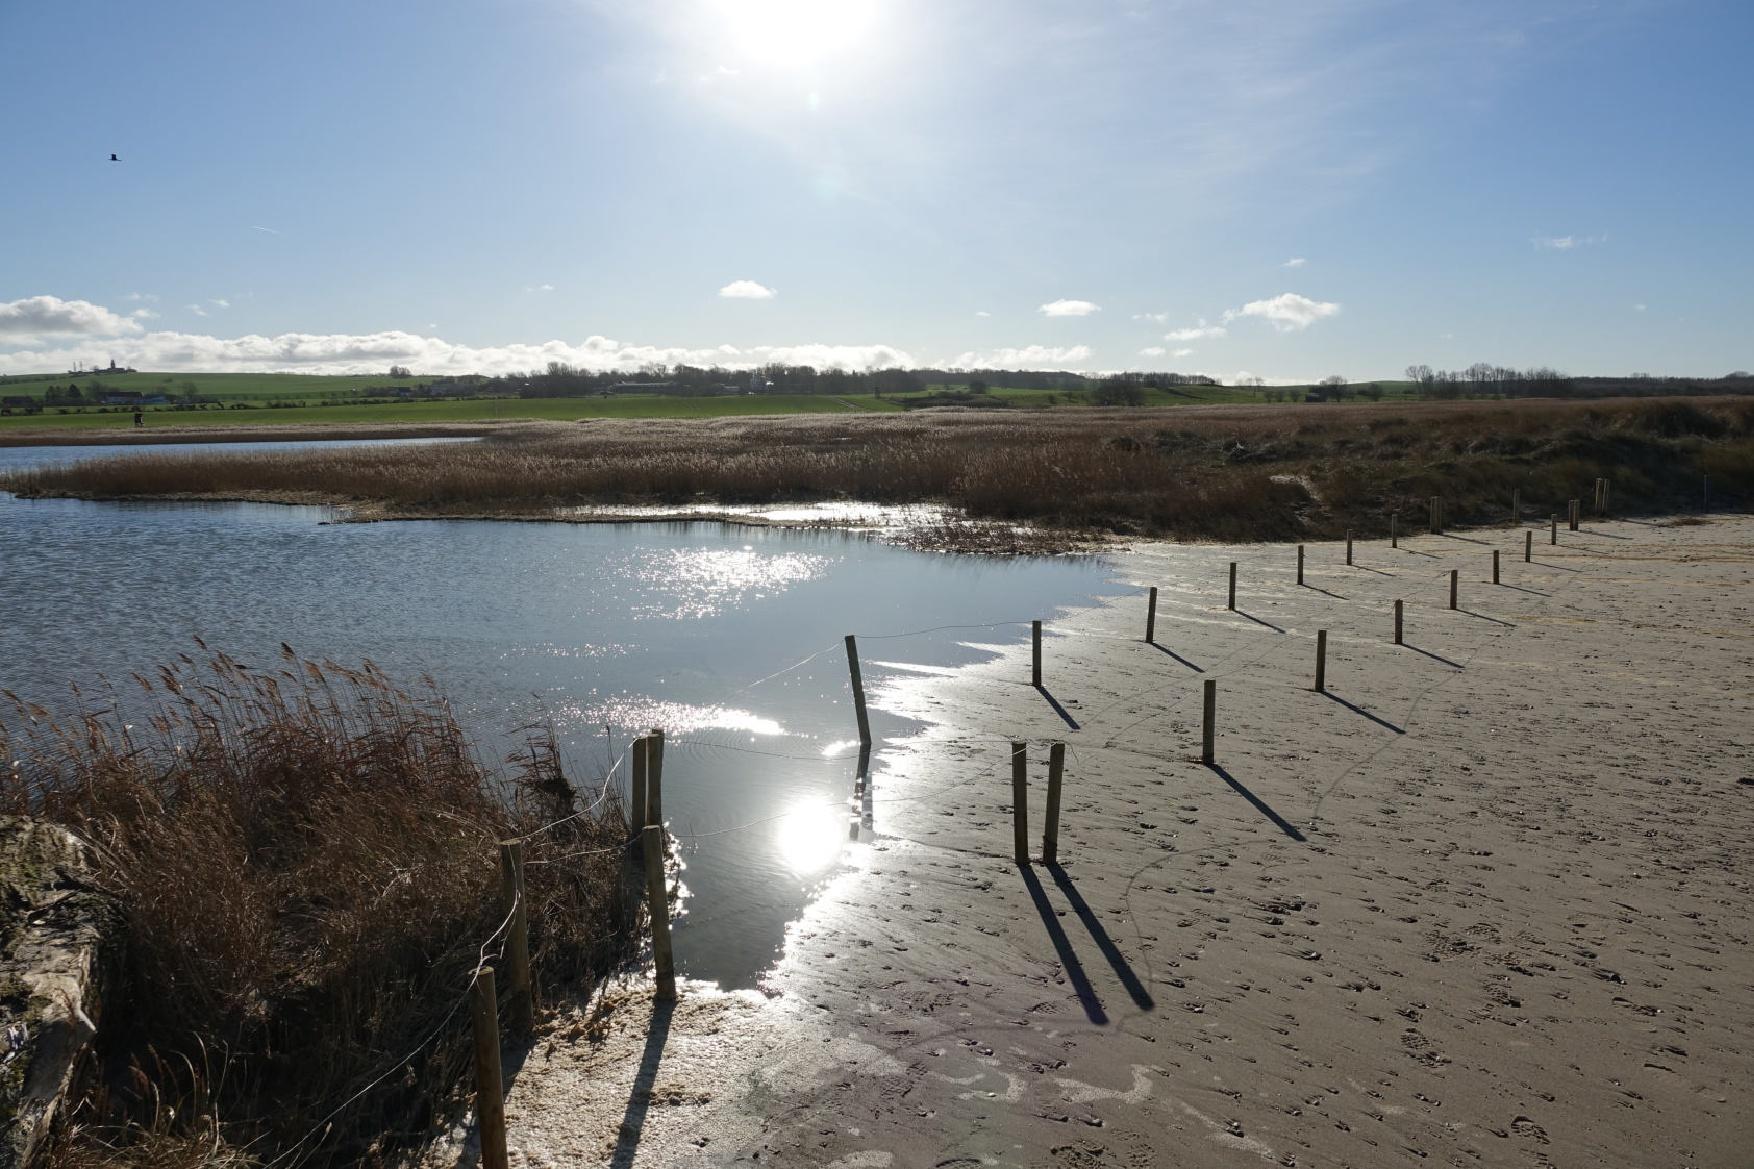 Hoher Wasserstand am Riedensee 05.02.2020